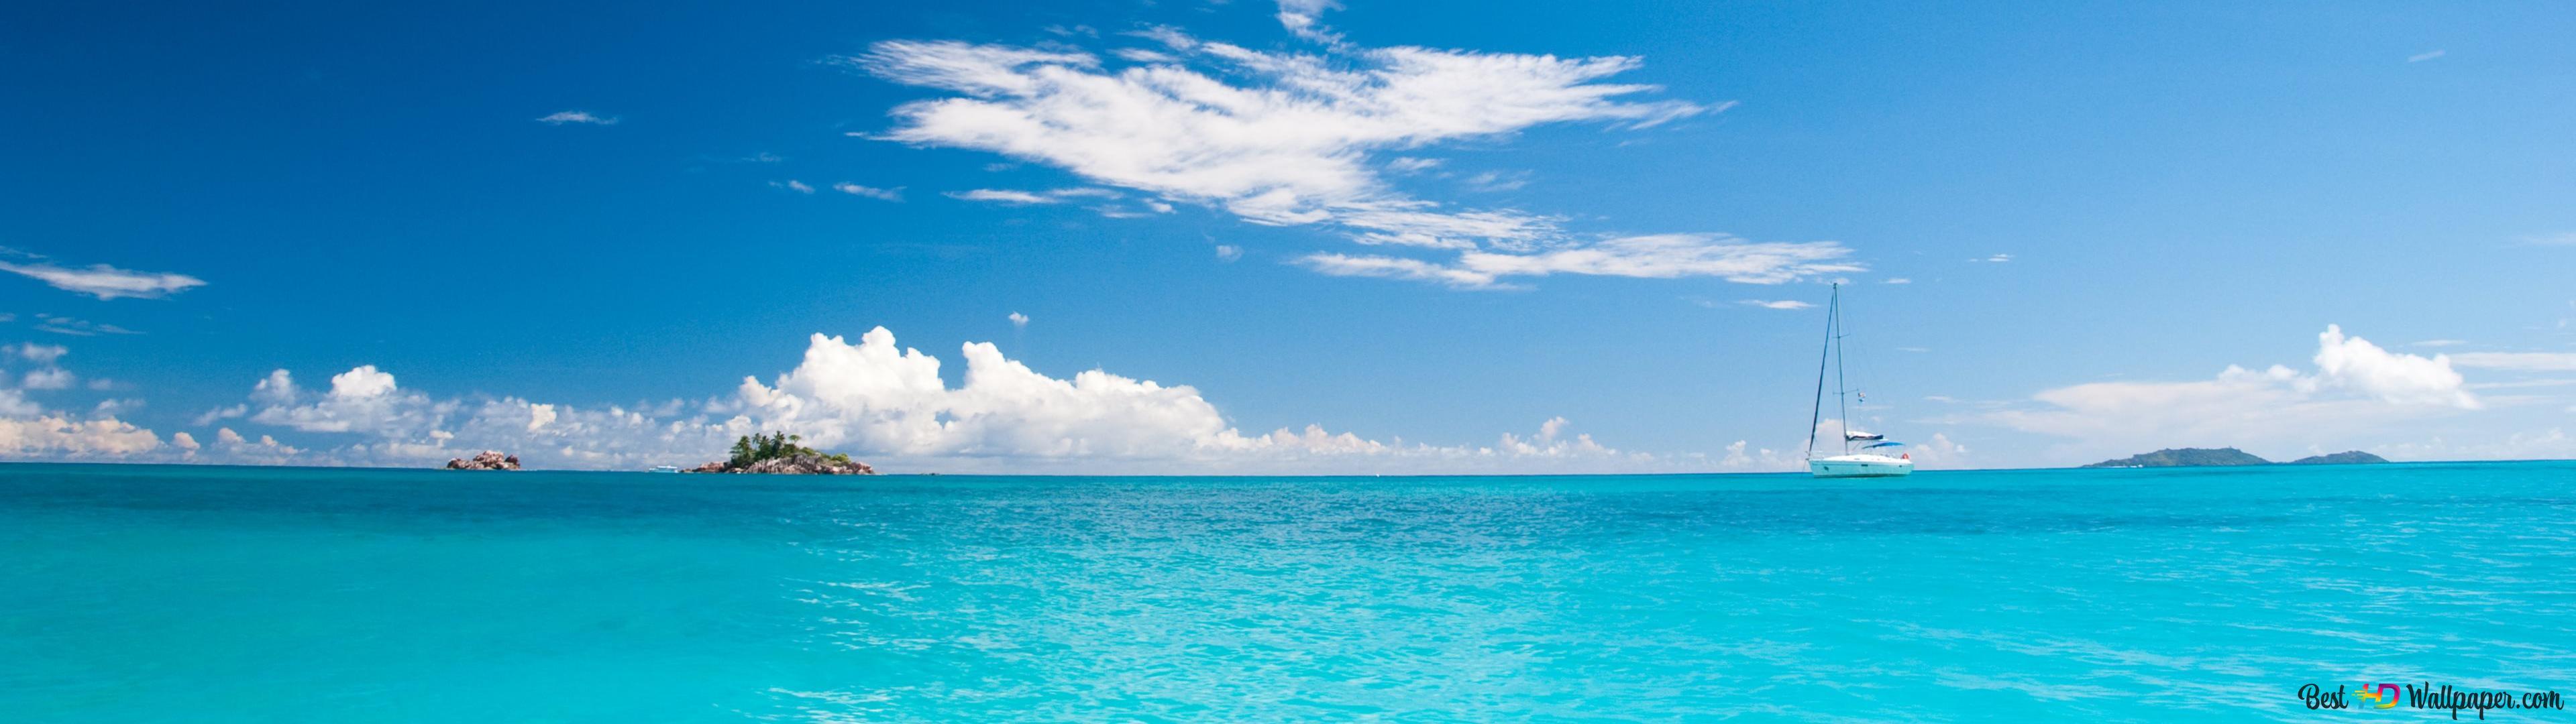 海と空 Hd壁紙のダウンロード